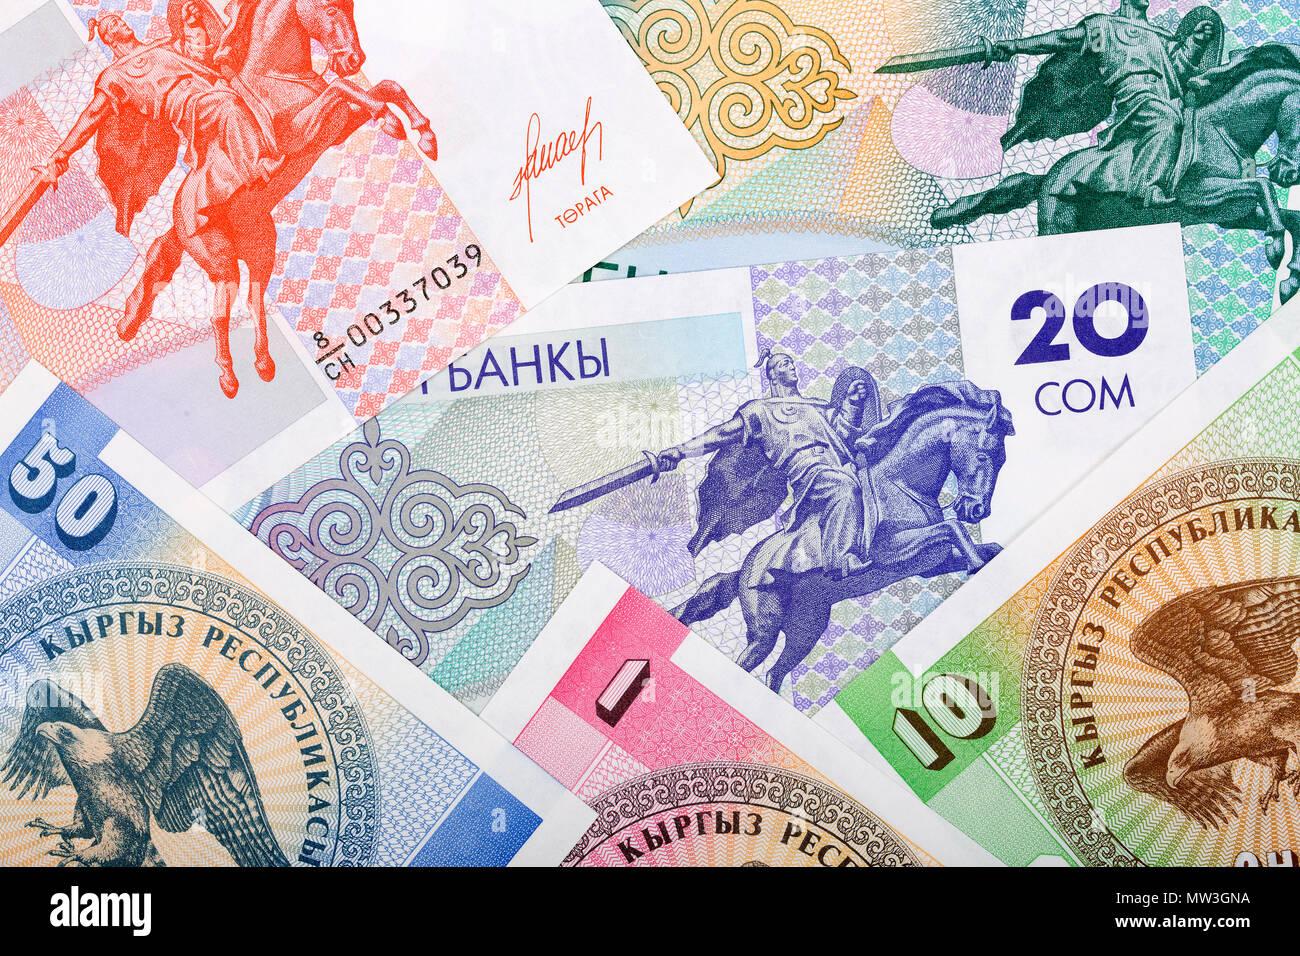 Kyrgyz money, a background - Stock Image